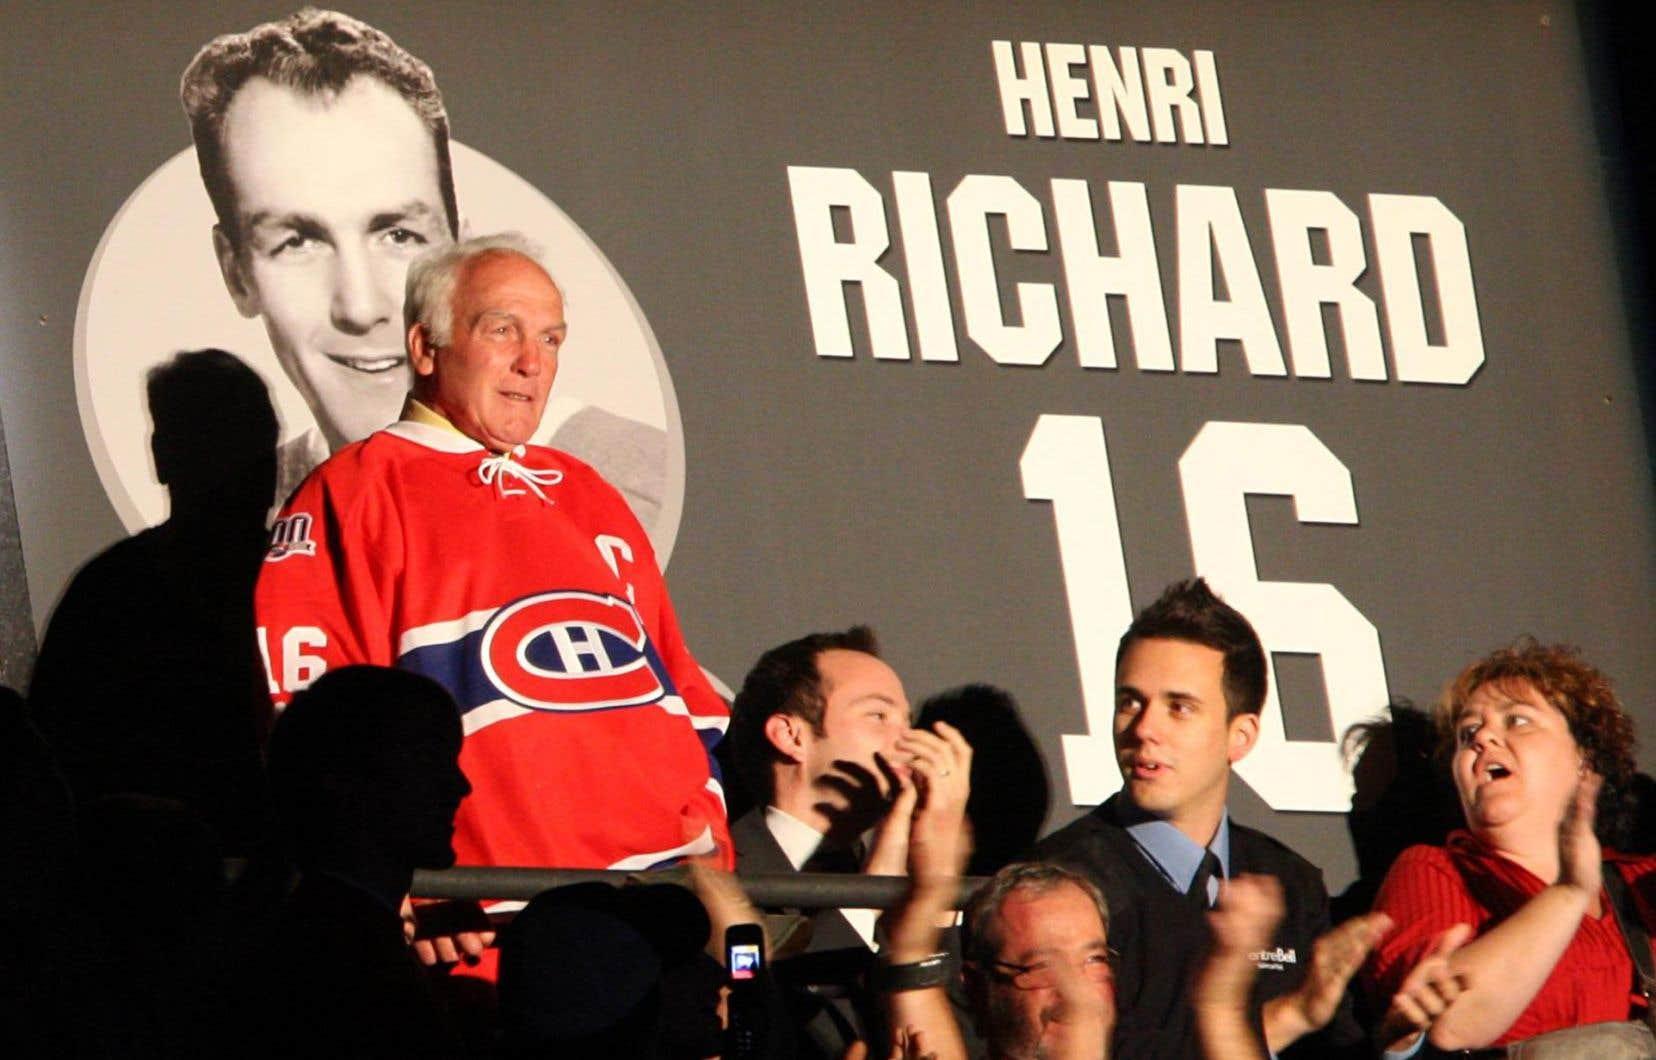 Le Canadien de Montréal a rendu hommage à Henri Richard lors des célébrations du centenaire de l'équipe.